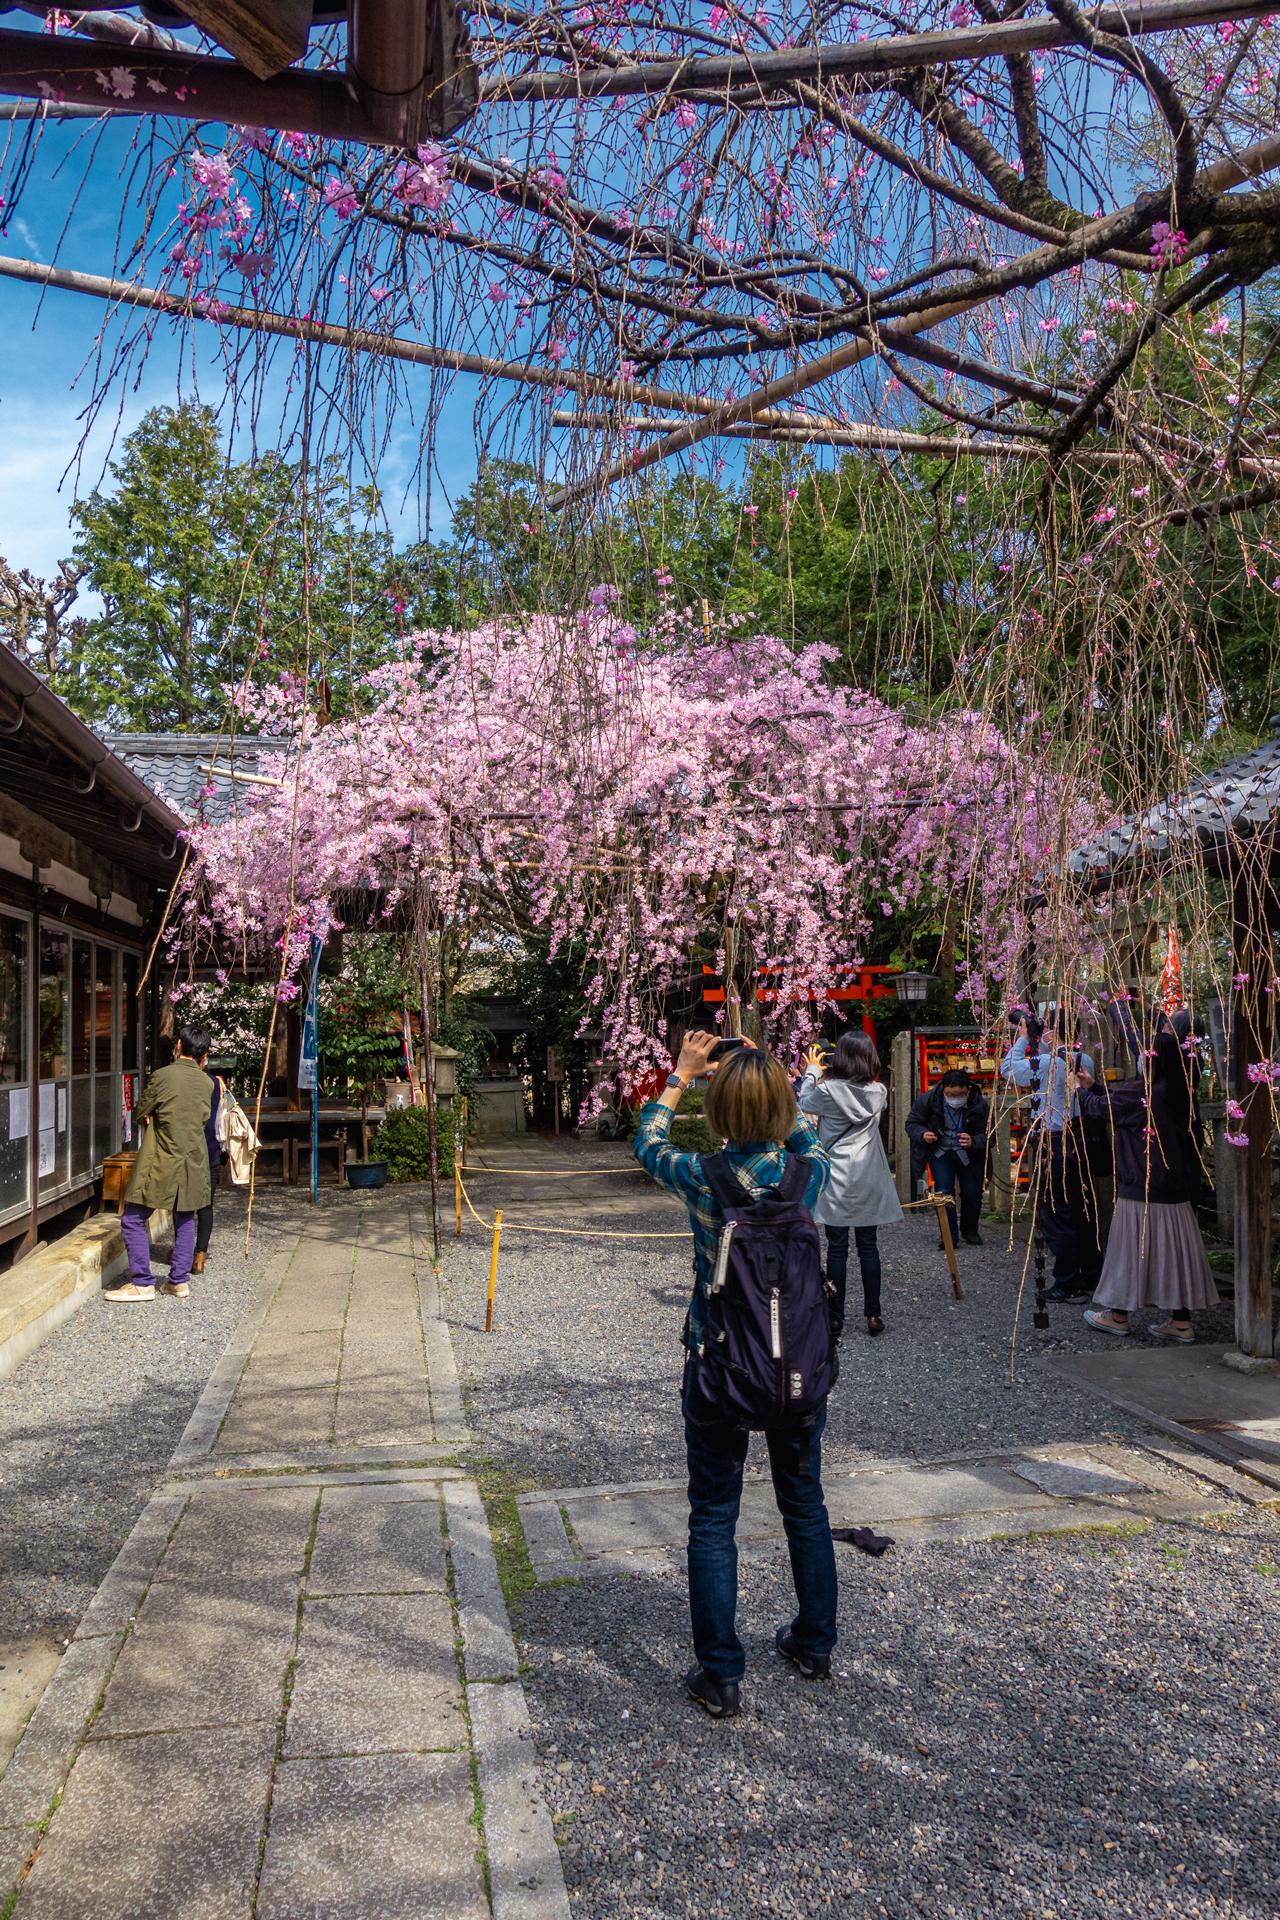 DSC05155 京都府 水火天満宮(境内に咲く紅枝垂桜が美しいおすすめの桜スポット! 写真の紹介、アクセス情報など)